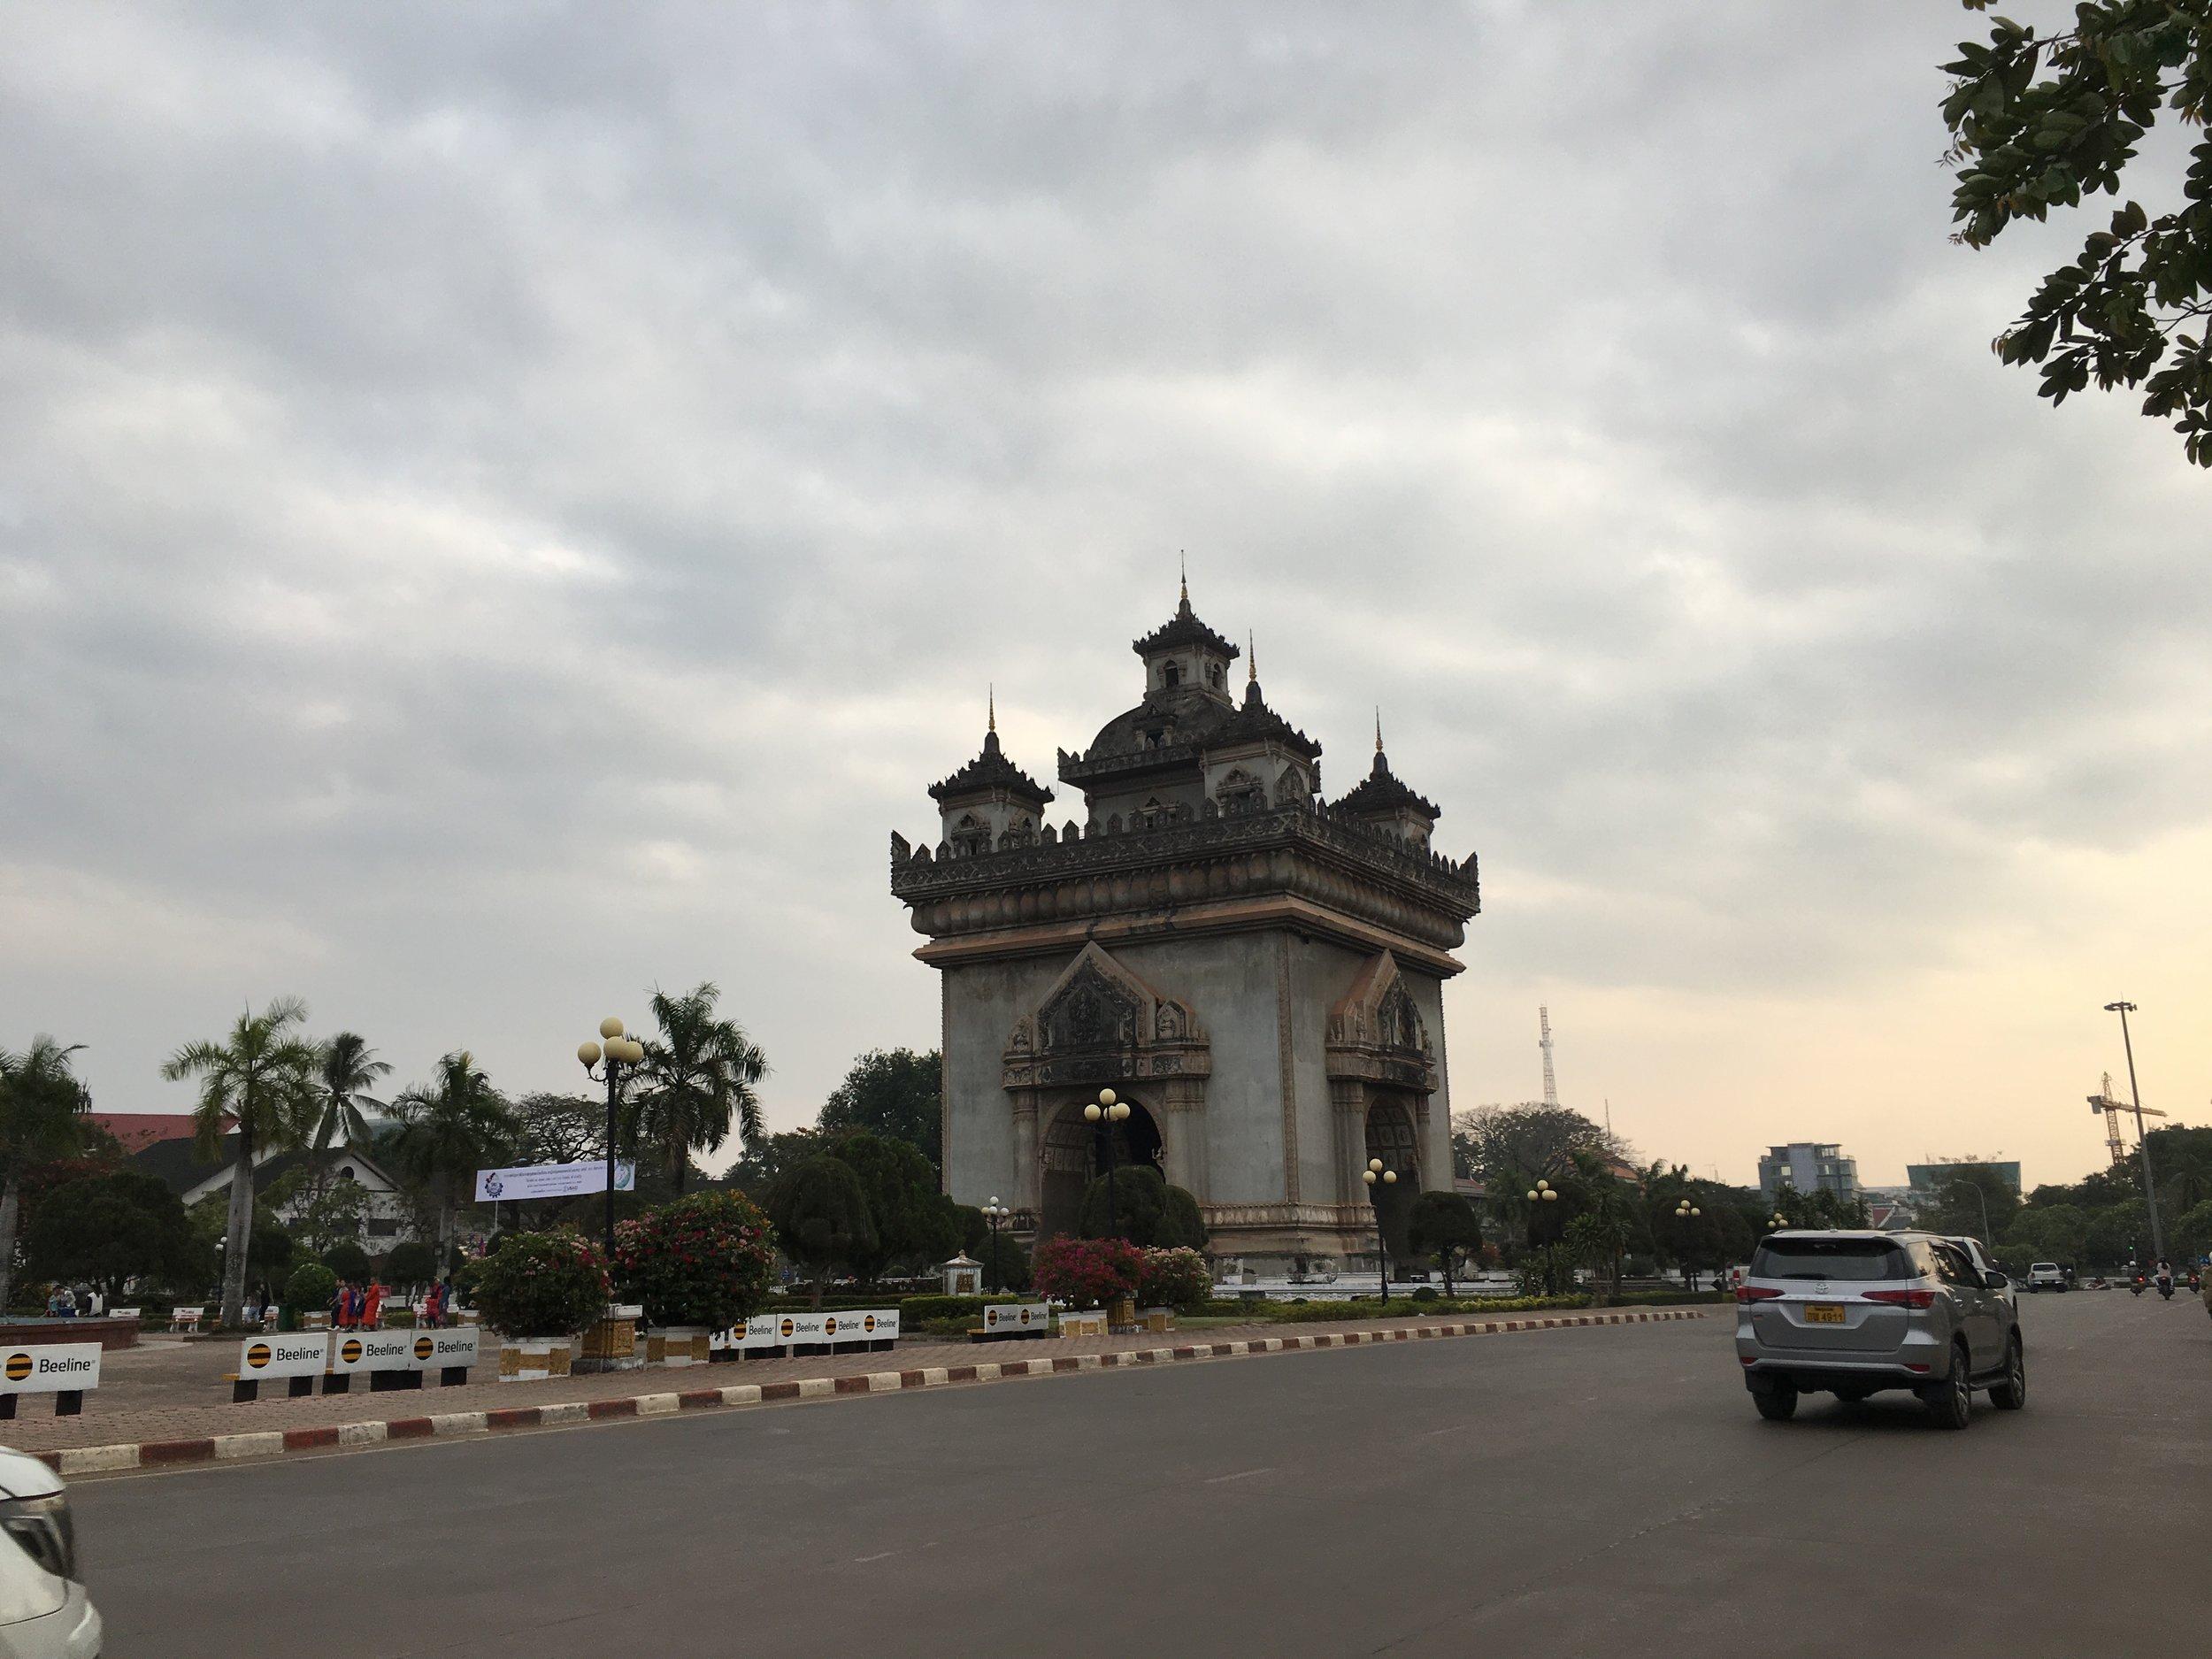 Patuxai, a memorial monument, in Vientiane, Laos |©Regina Beach